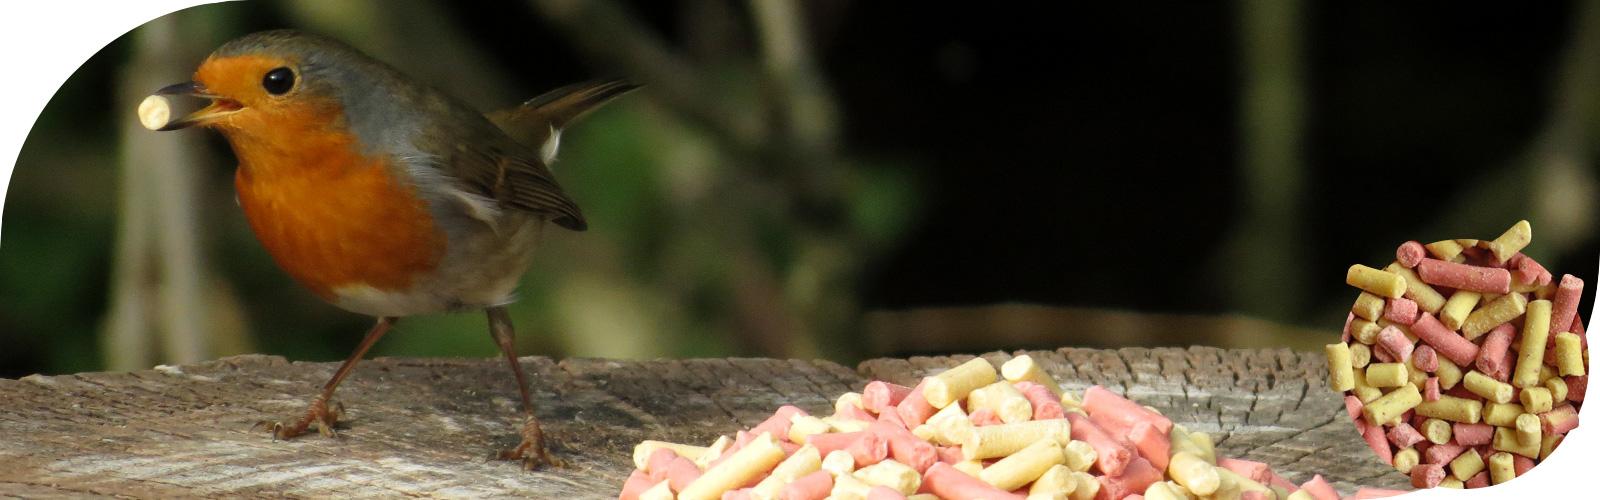 Vet traktatie - Ideaal voor veel verschillende vogels